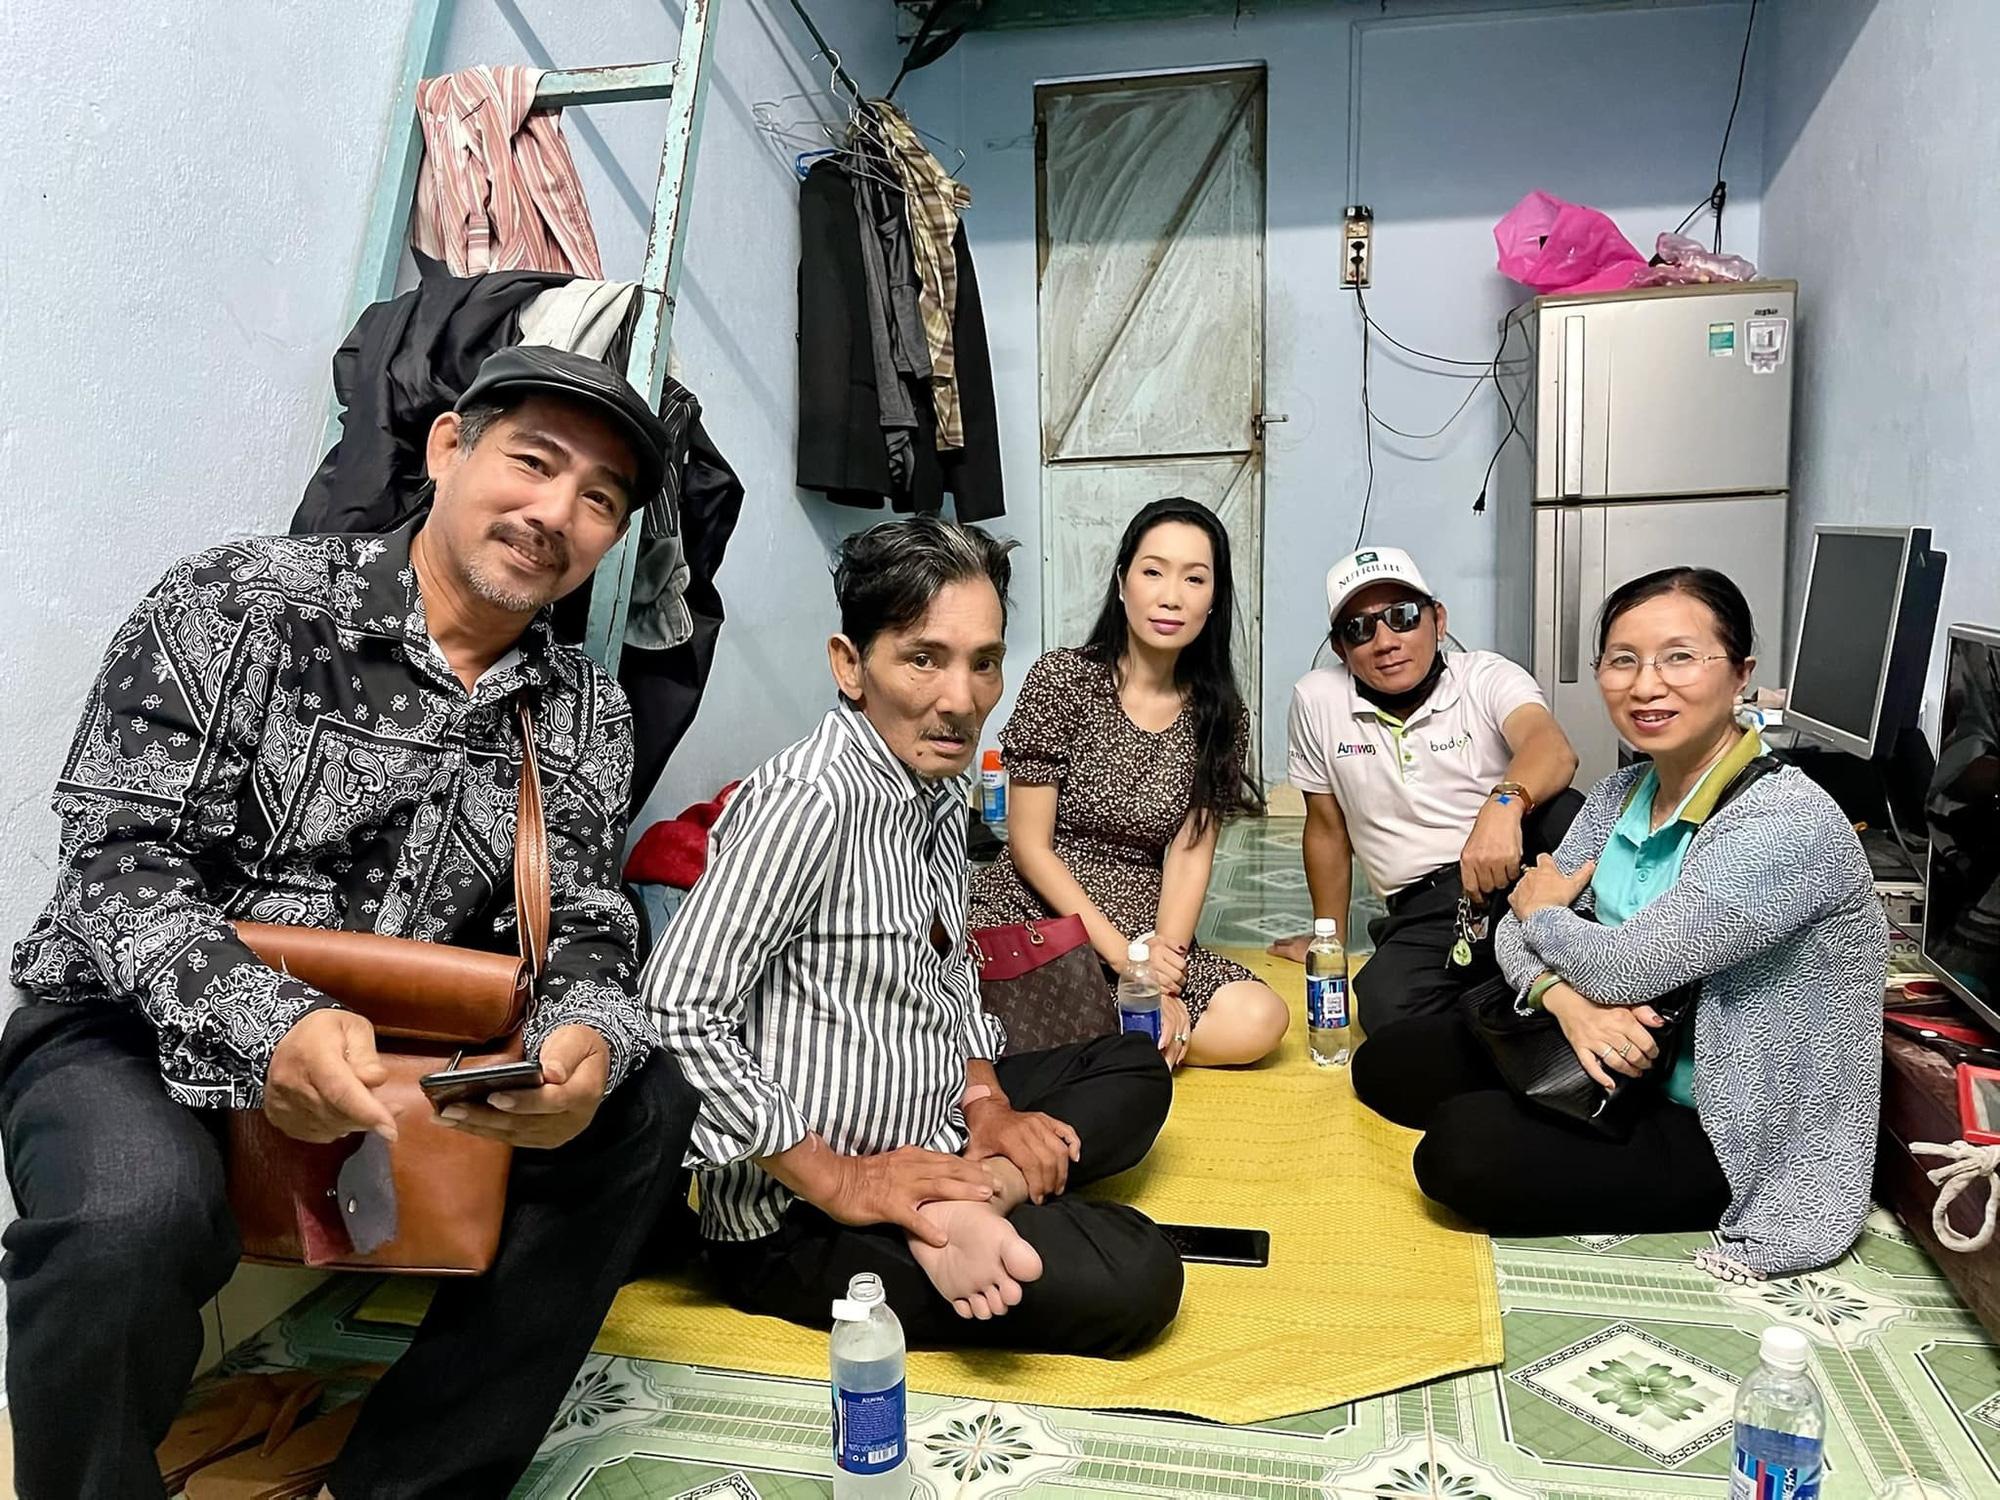 Sức khỏe diễn viên Thương Tín tạm ổn nhưng căn phòng trọ của anh gây chú ý - Báo Người lao động